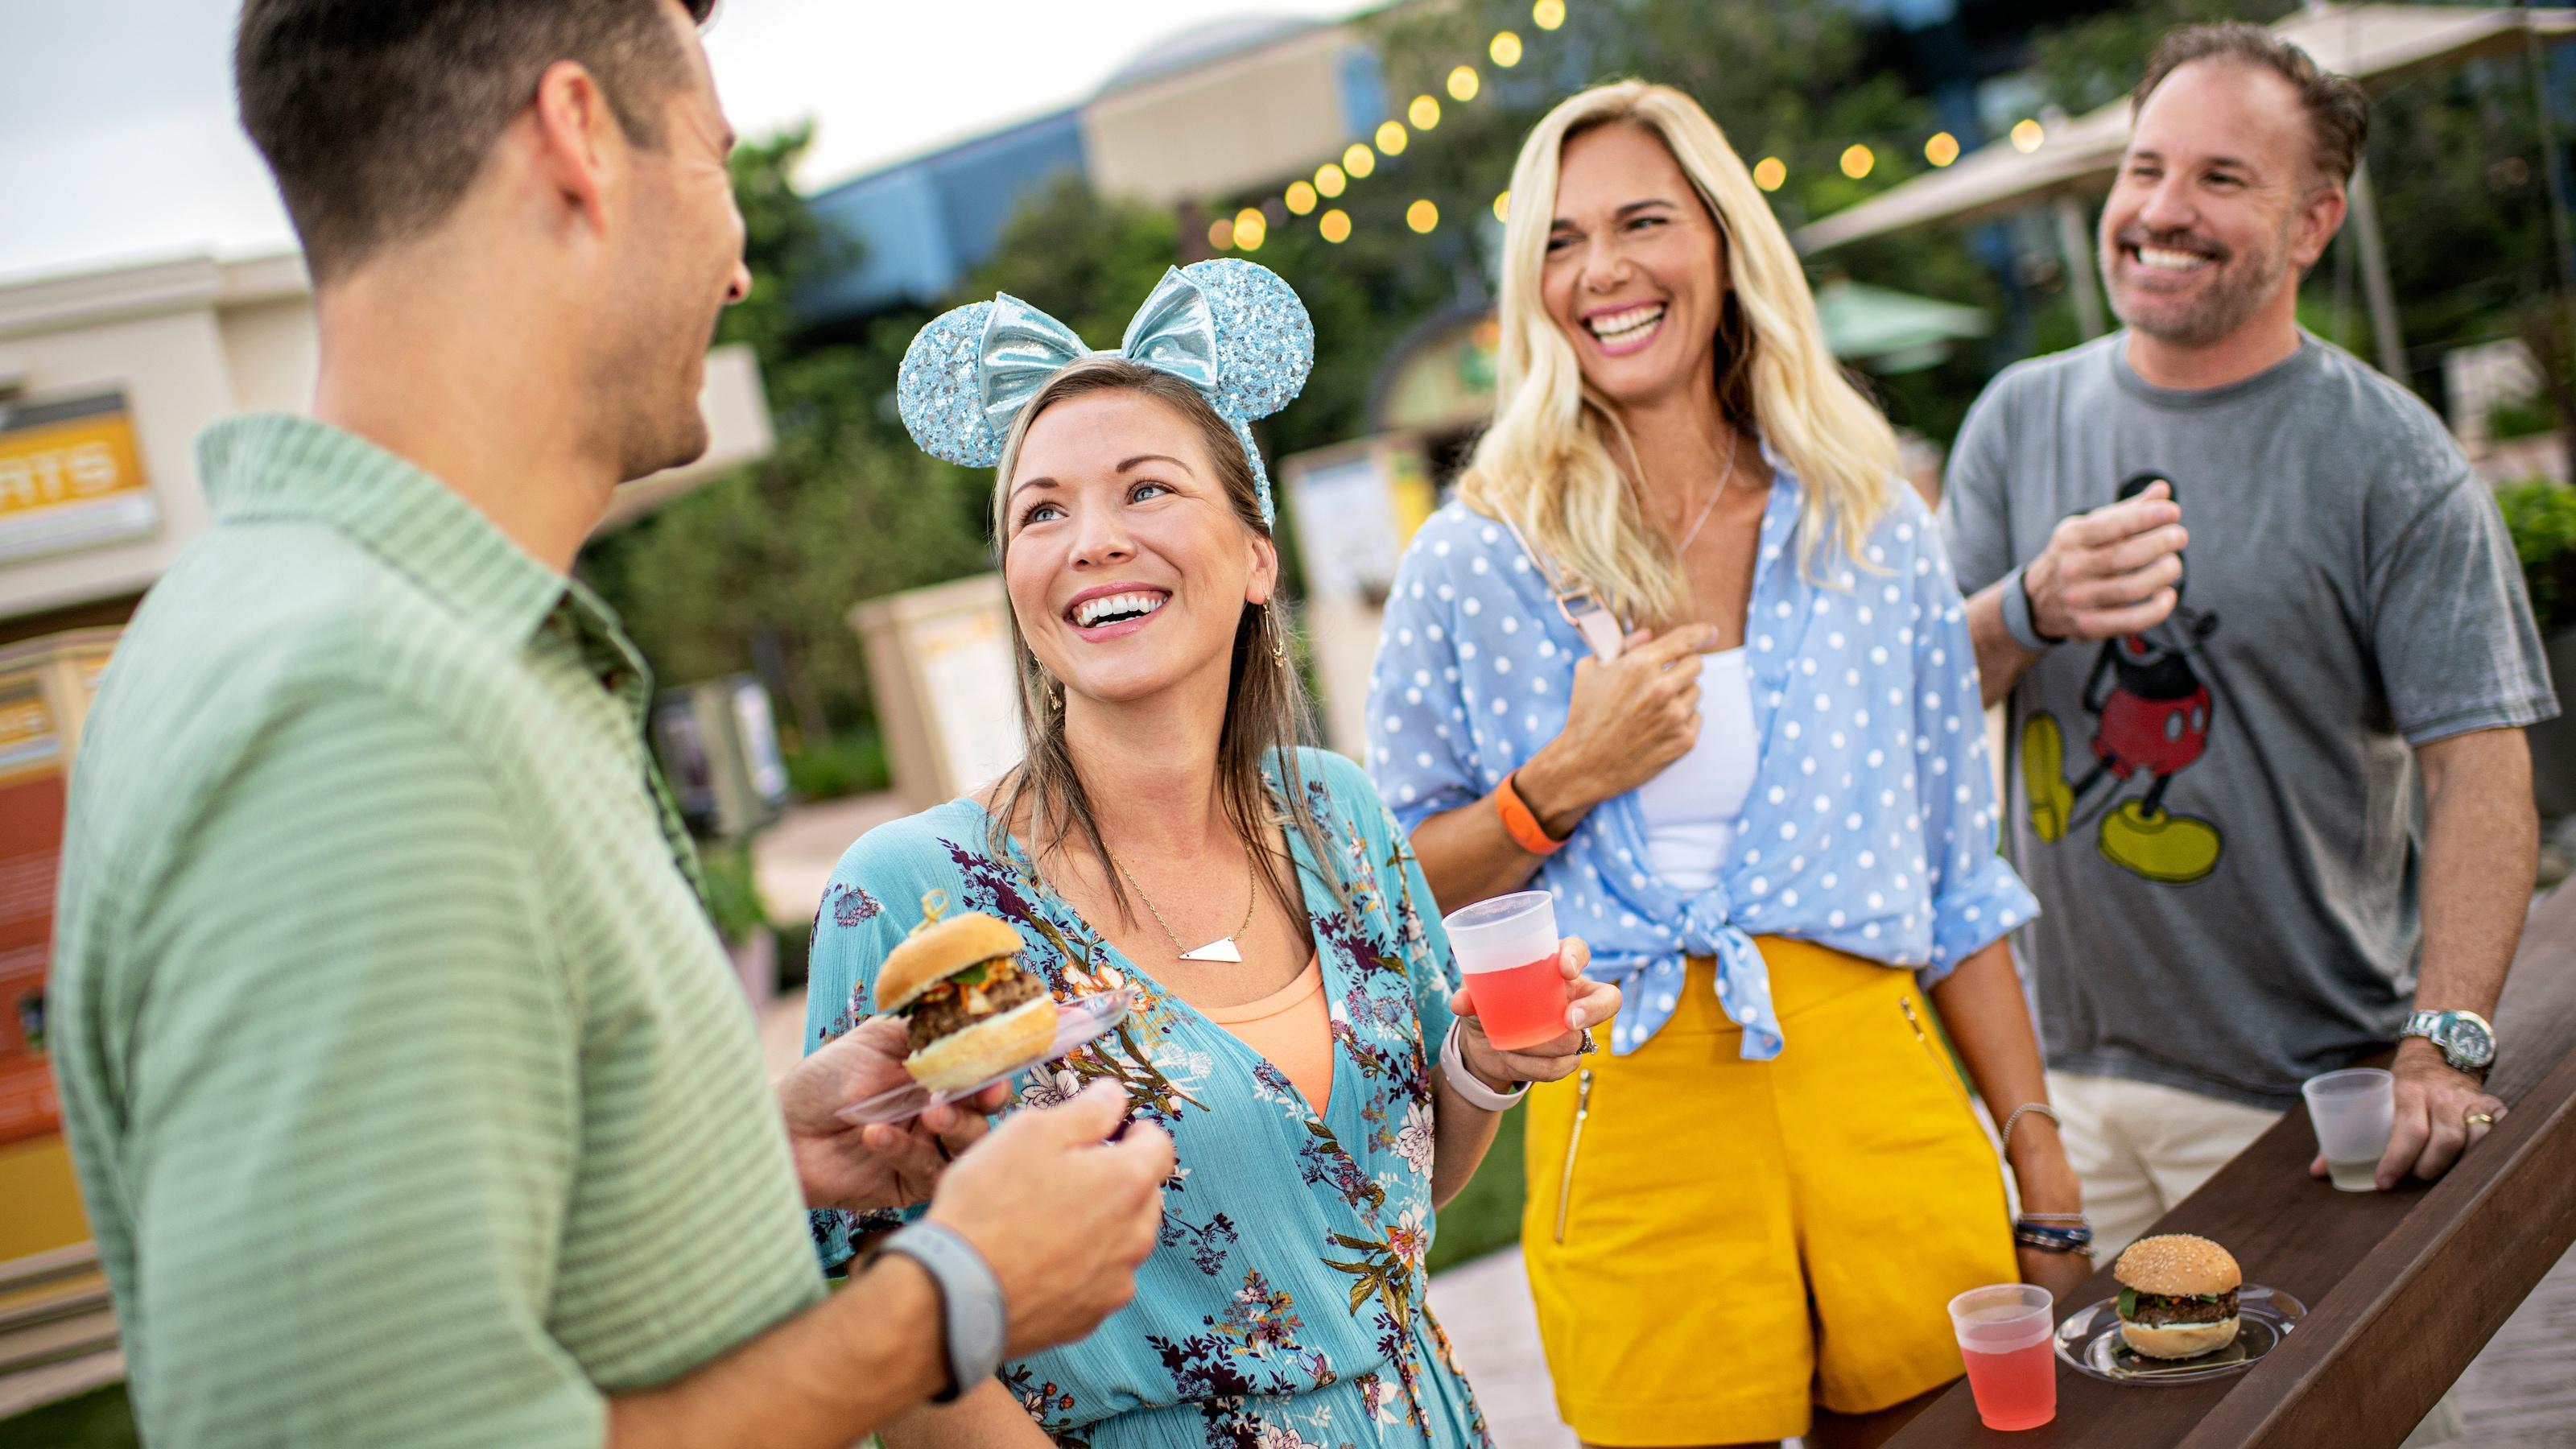 2 人の男性と 2 人の女性のグループ。1 人はミニーマウスのスパンコール耳付きカチューシャをつけて笑顔でスライダーを食べている